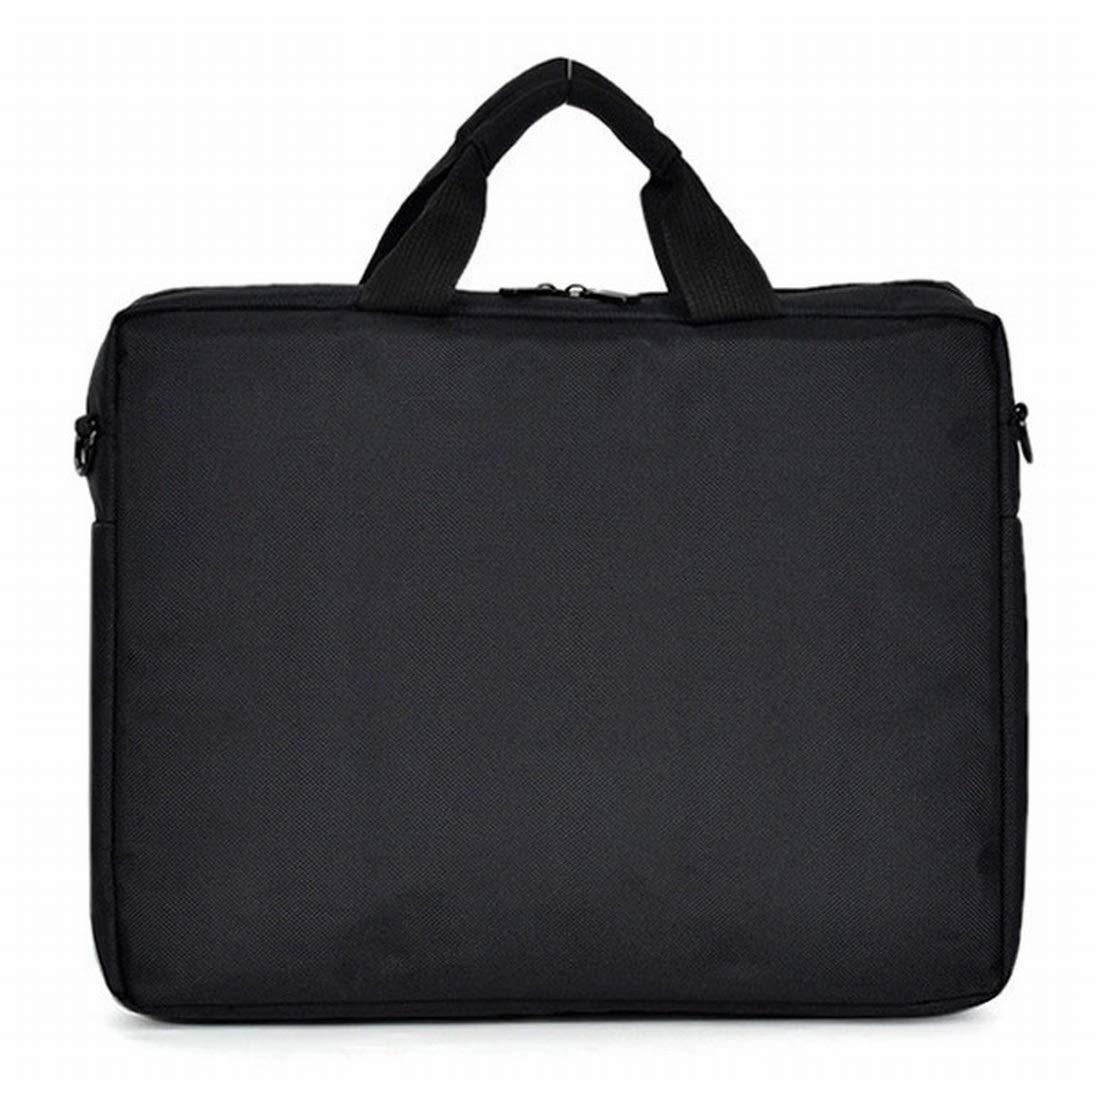 Sinngukaba Laptop Shoulder Messenger Bag for Men Women Case Sleeve for 14 Inch 15 Inch Laptop Case Laptop Briefcase 15.6 Inch (Color : Black)